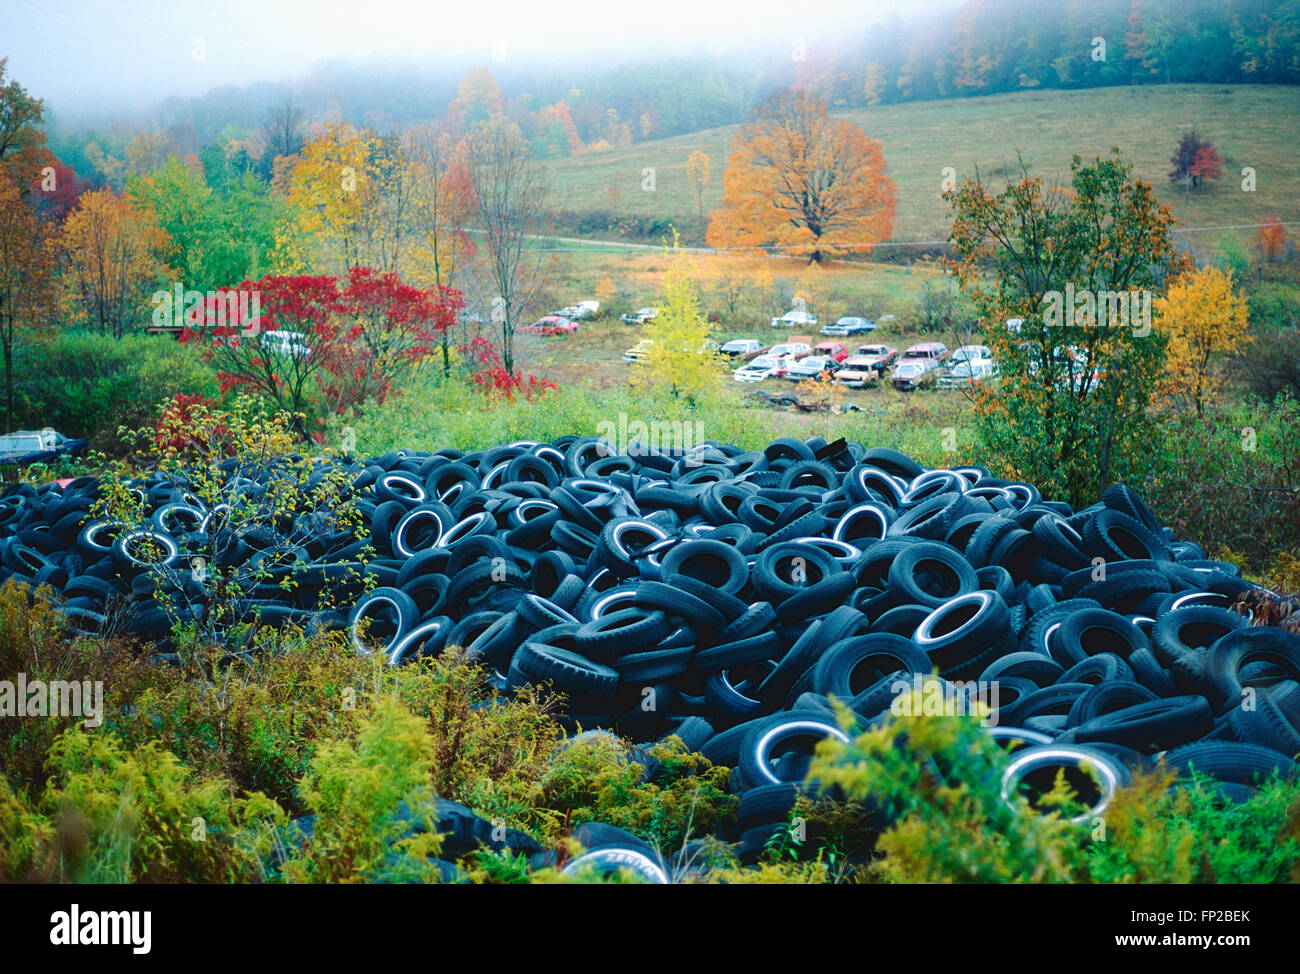 Vecchio usato pneumatici per automobile in discarica Immagini Stock